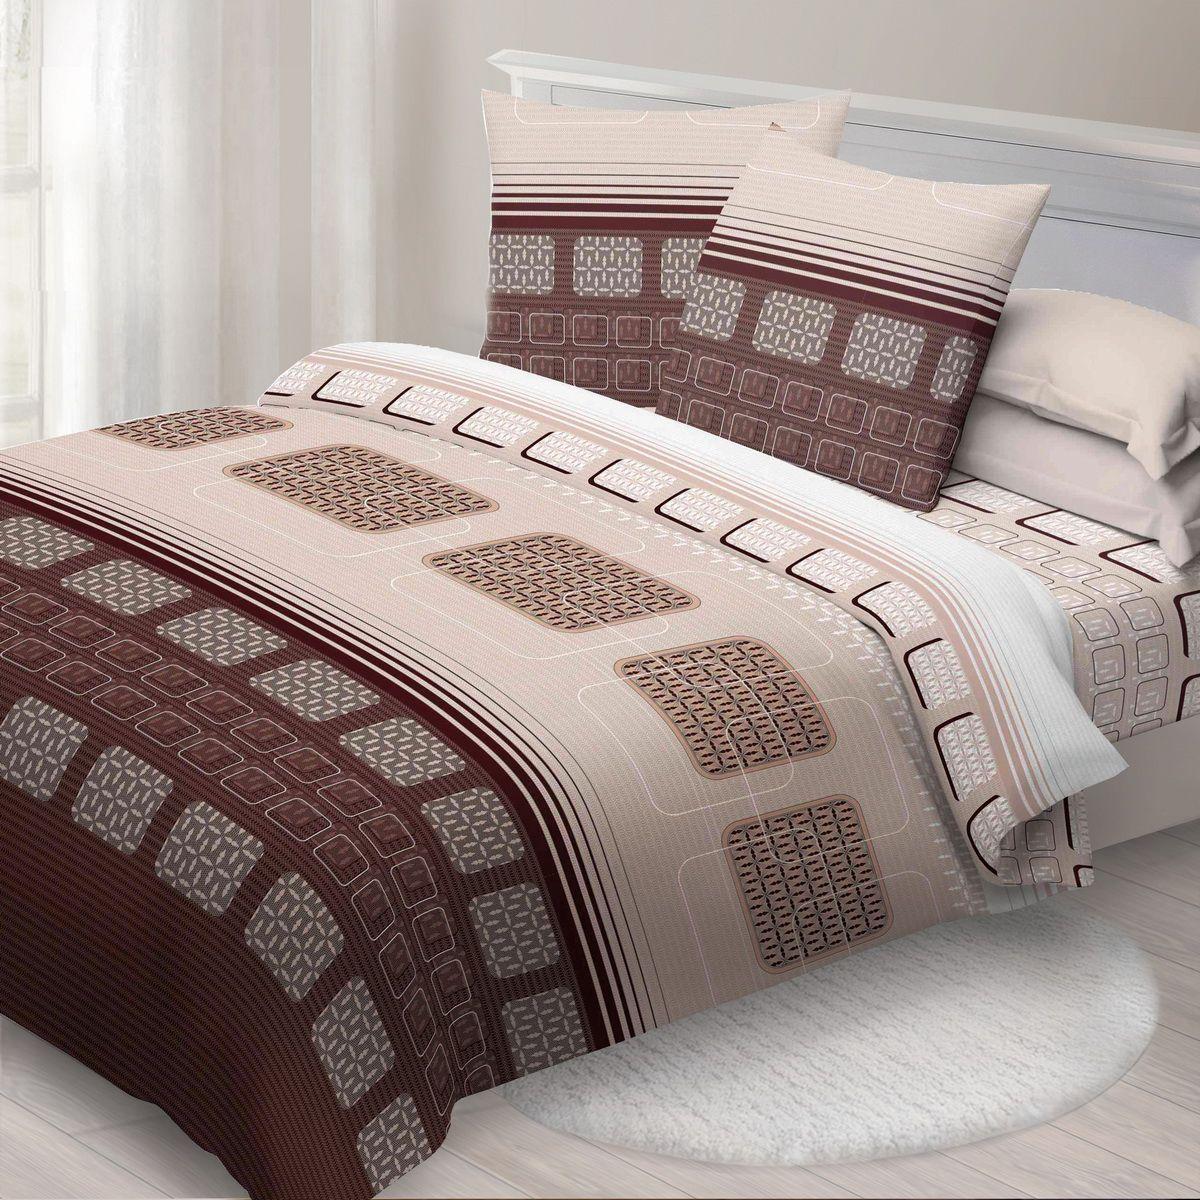 Комплект белья Спал Спалыч Синтез, 2-спальное, наволочки 70x70, цвет: коричневый87873Спал Спалыч - недорогое, но качественное постельное белье из белорусской бязи. Актуальные дизайны, авторская упаковка в сочетании с качественными материалами и приемлемой ценой - залог успеха Спал Спалыча!В ассортименте широкая линейка домашнего текстиля для всей семьи - современные дизайны современному покупателю! Ткань обработана по технологии PERFECT WAY - благодаря чему, она становится более гладкой и шелковистой.• Бязь Барановичи 100% хлопок• Плотность ткани - 125 гр/кв.м.